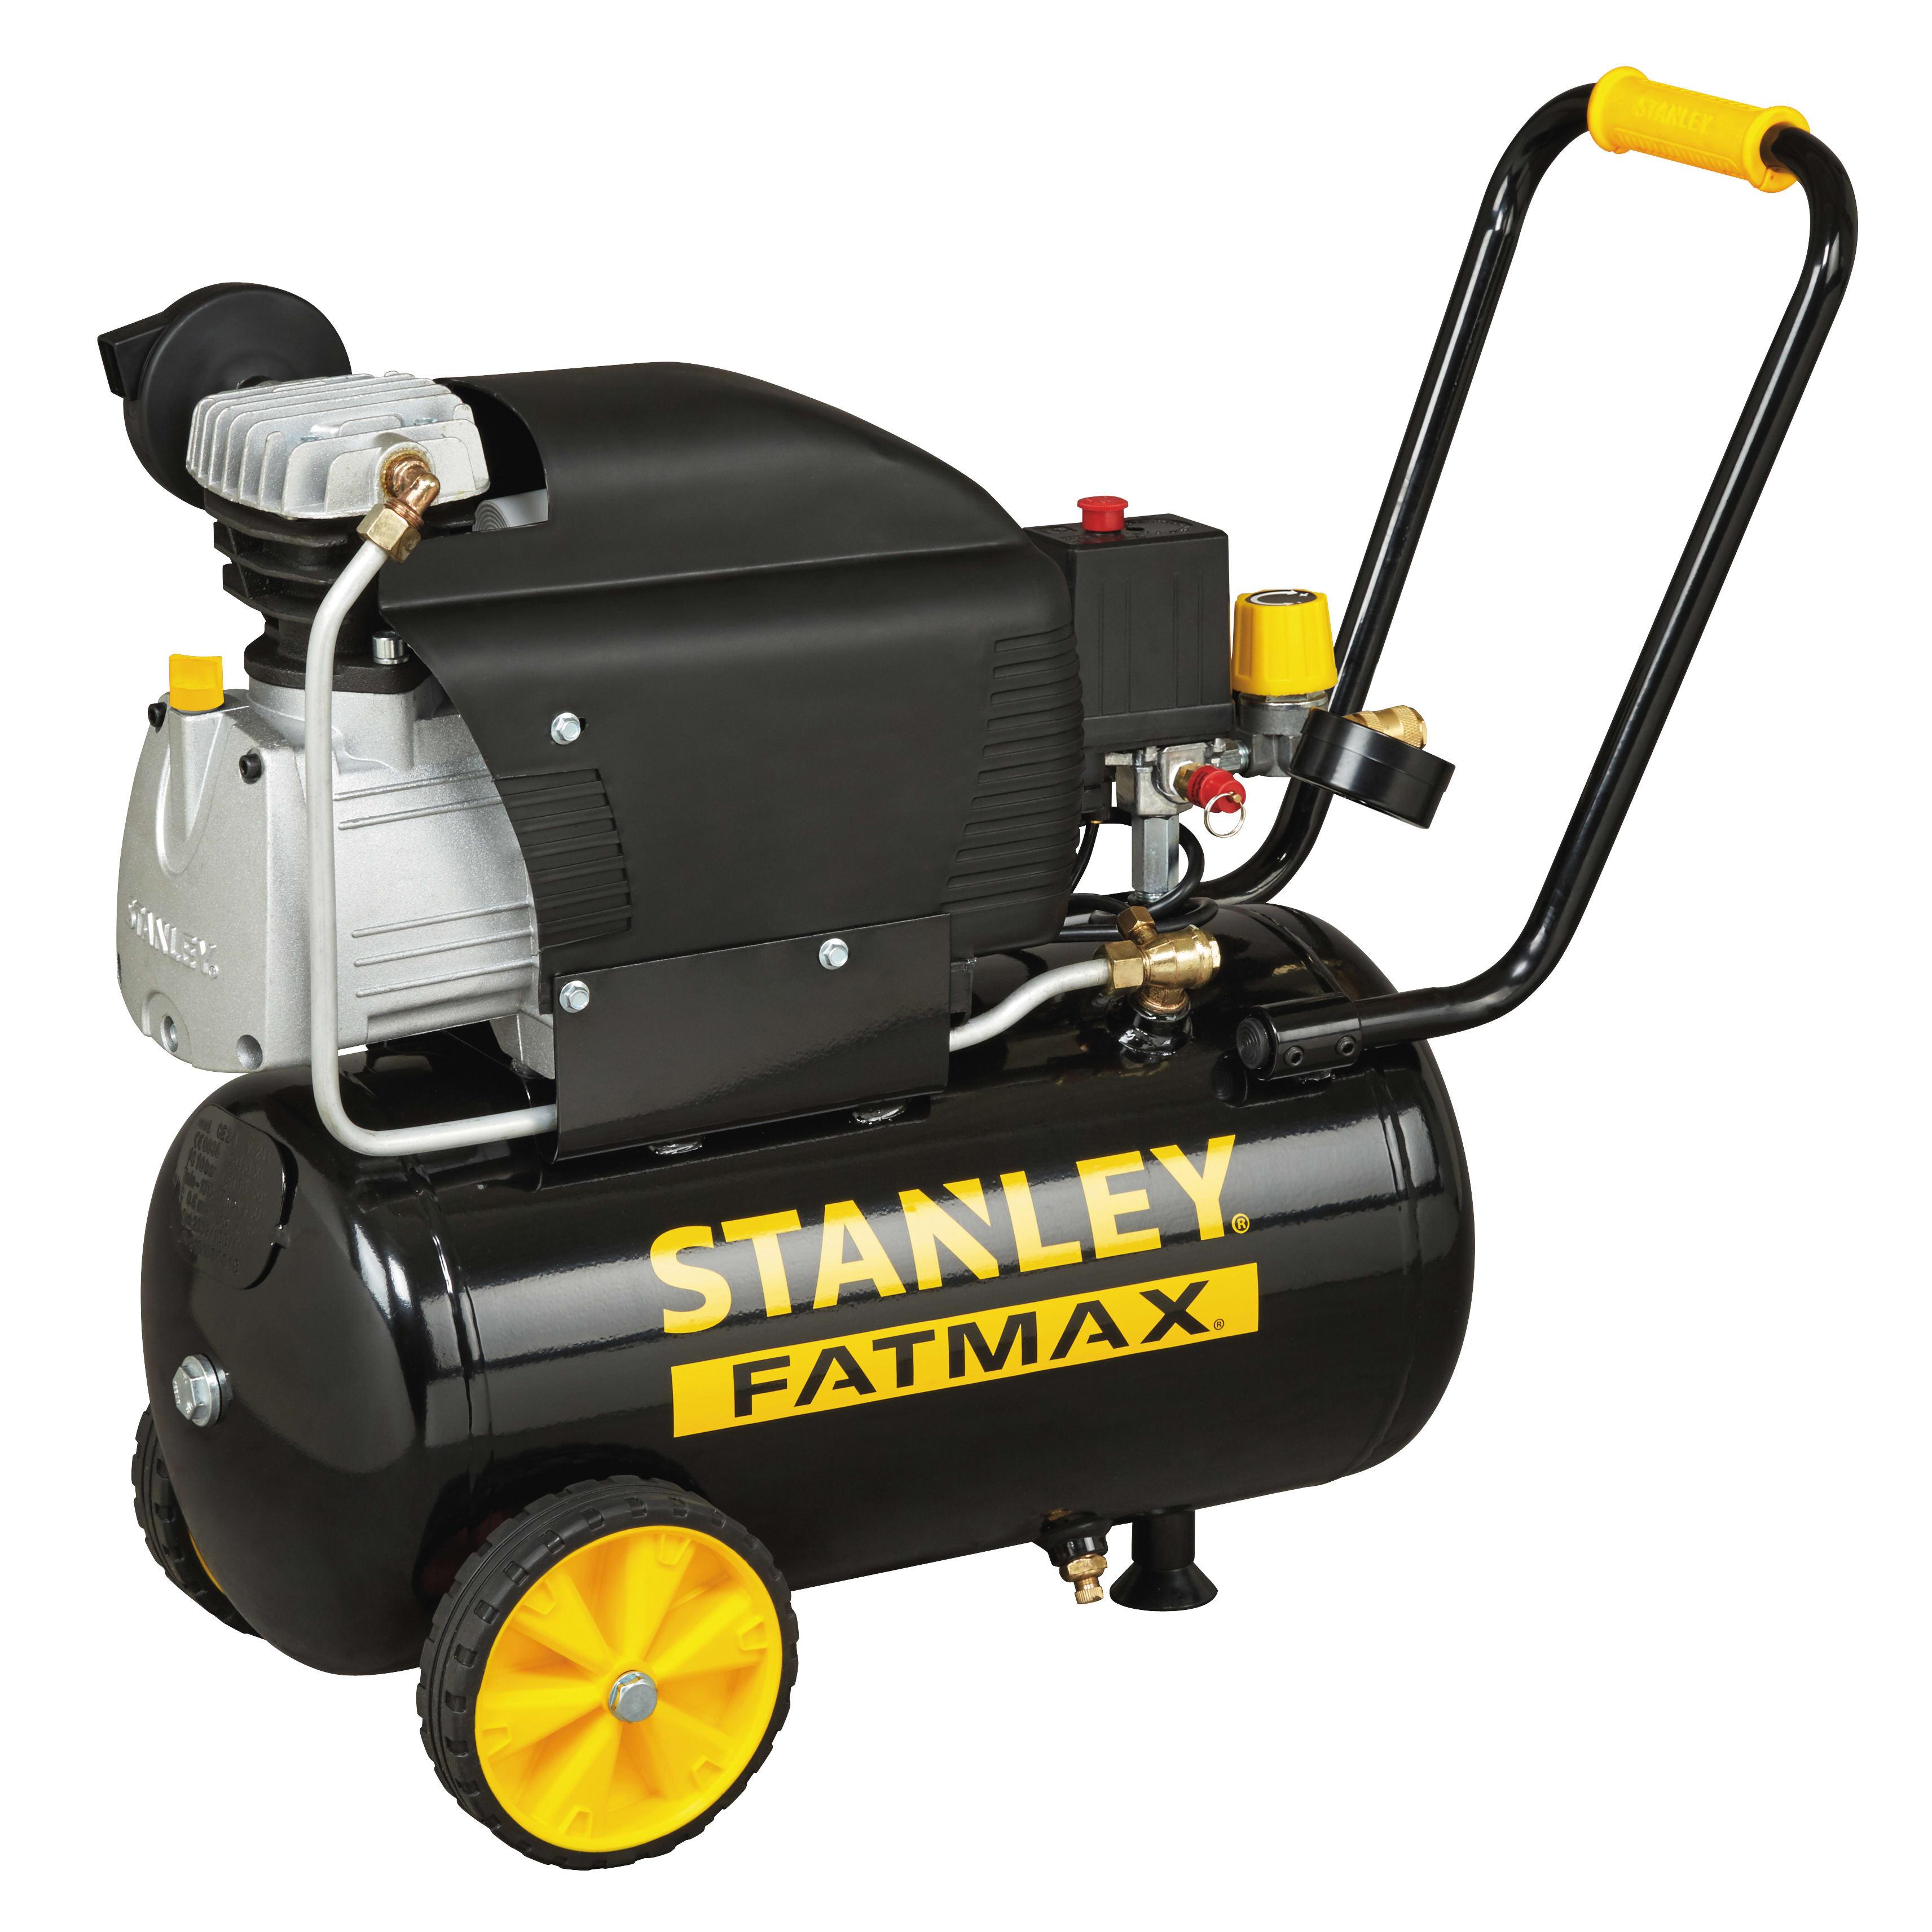 Compressore Coassiale Stanley Fatmax D 250 10 24s 2 5 Hp Pressione